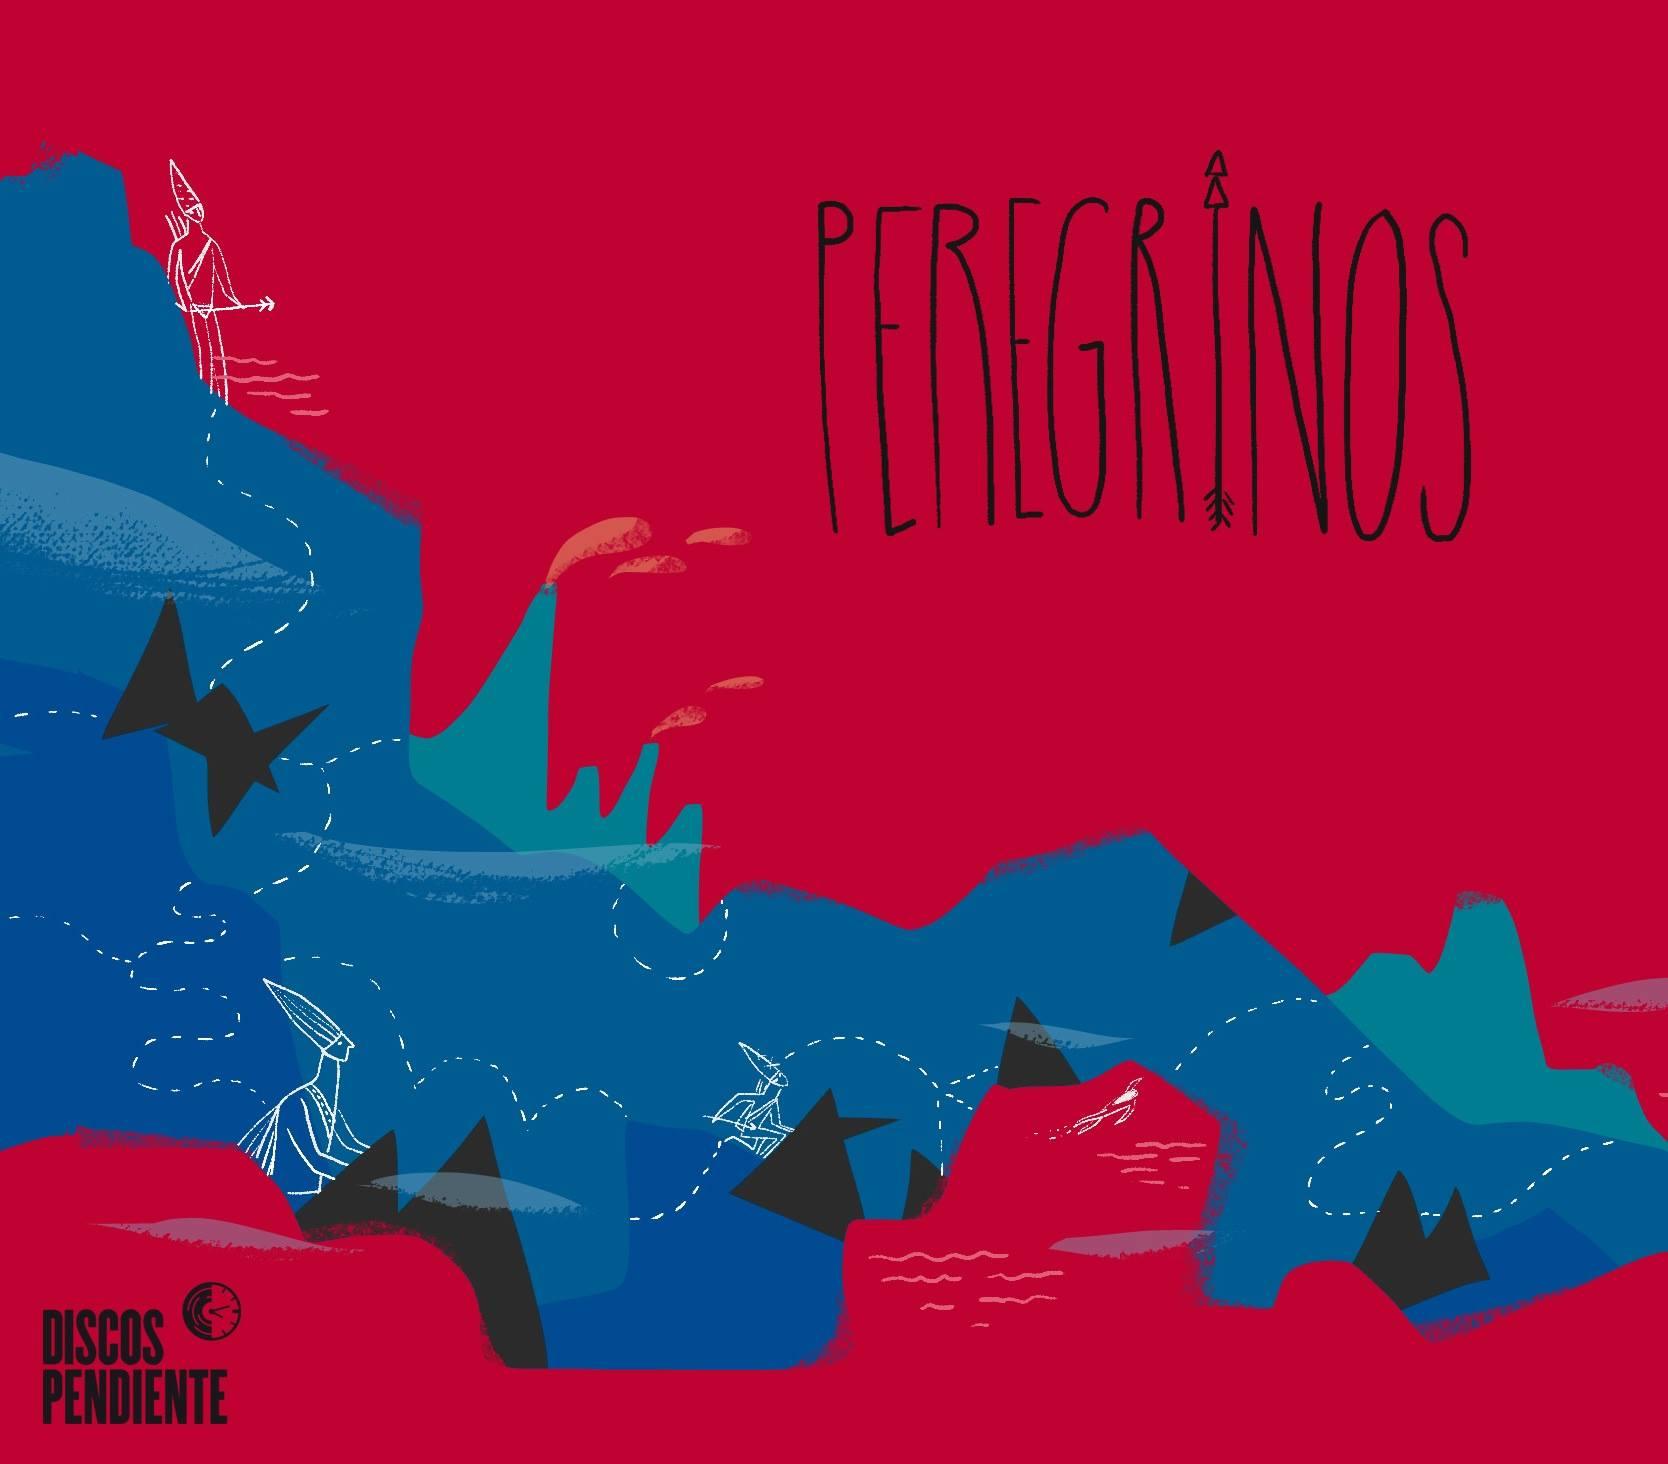 Peregrinos (DPCD27)